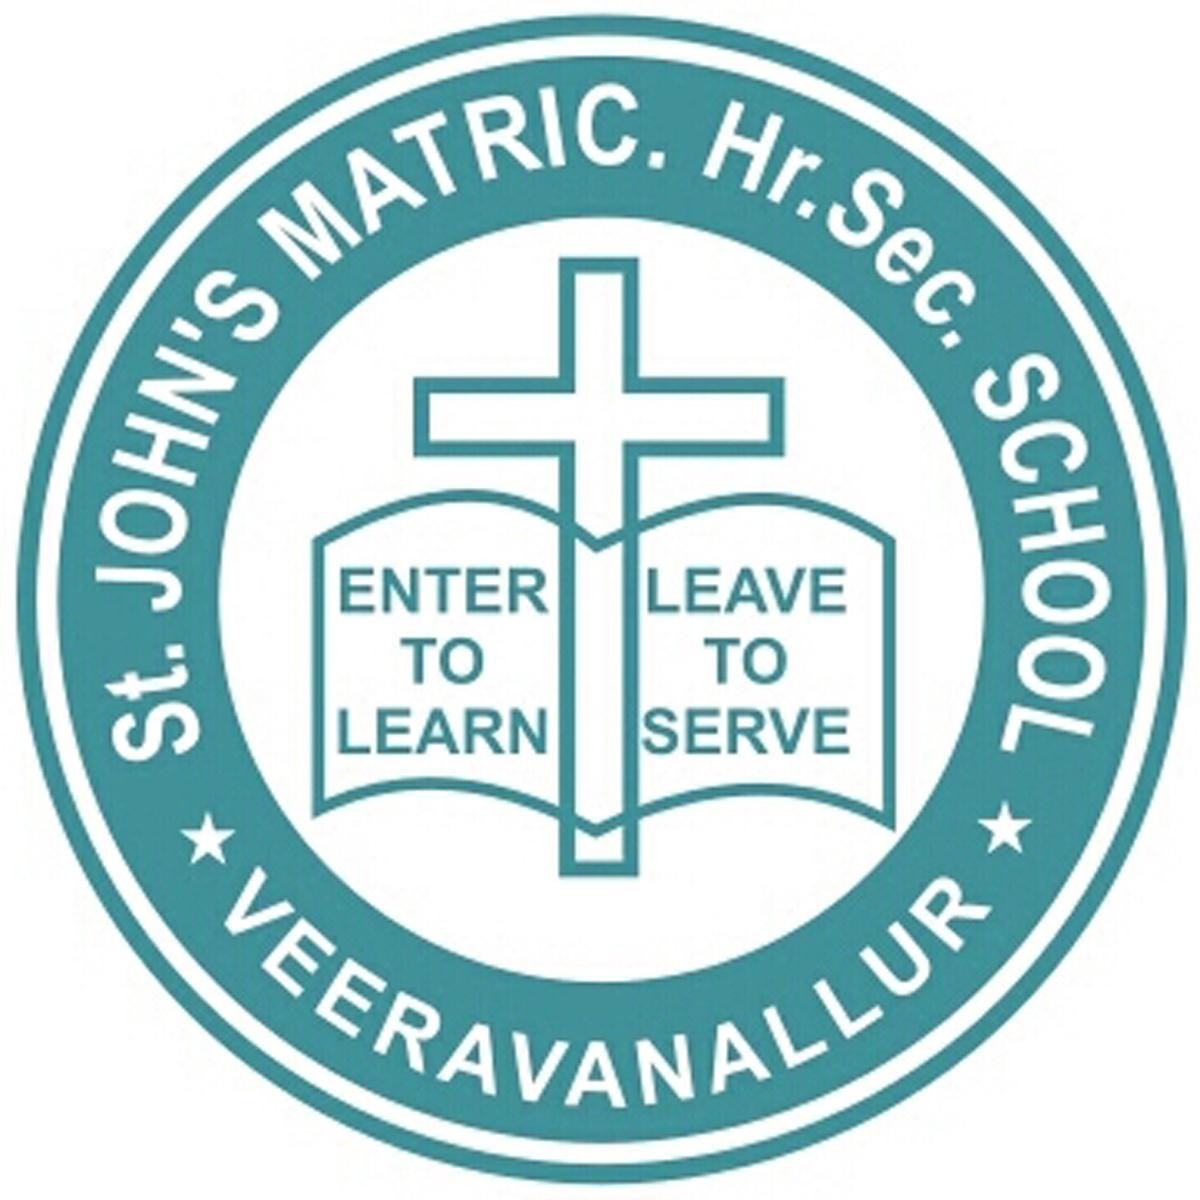 St. Johns School - Veeravanallur